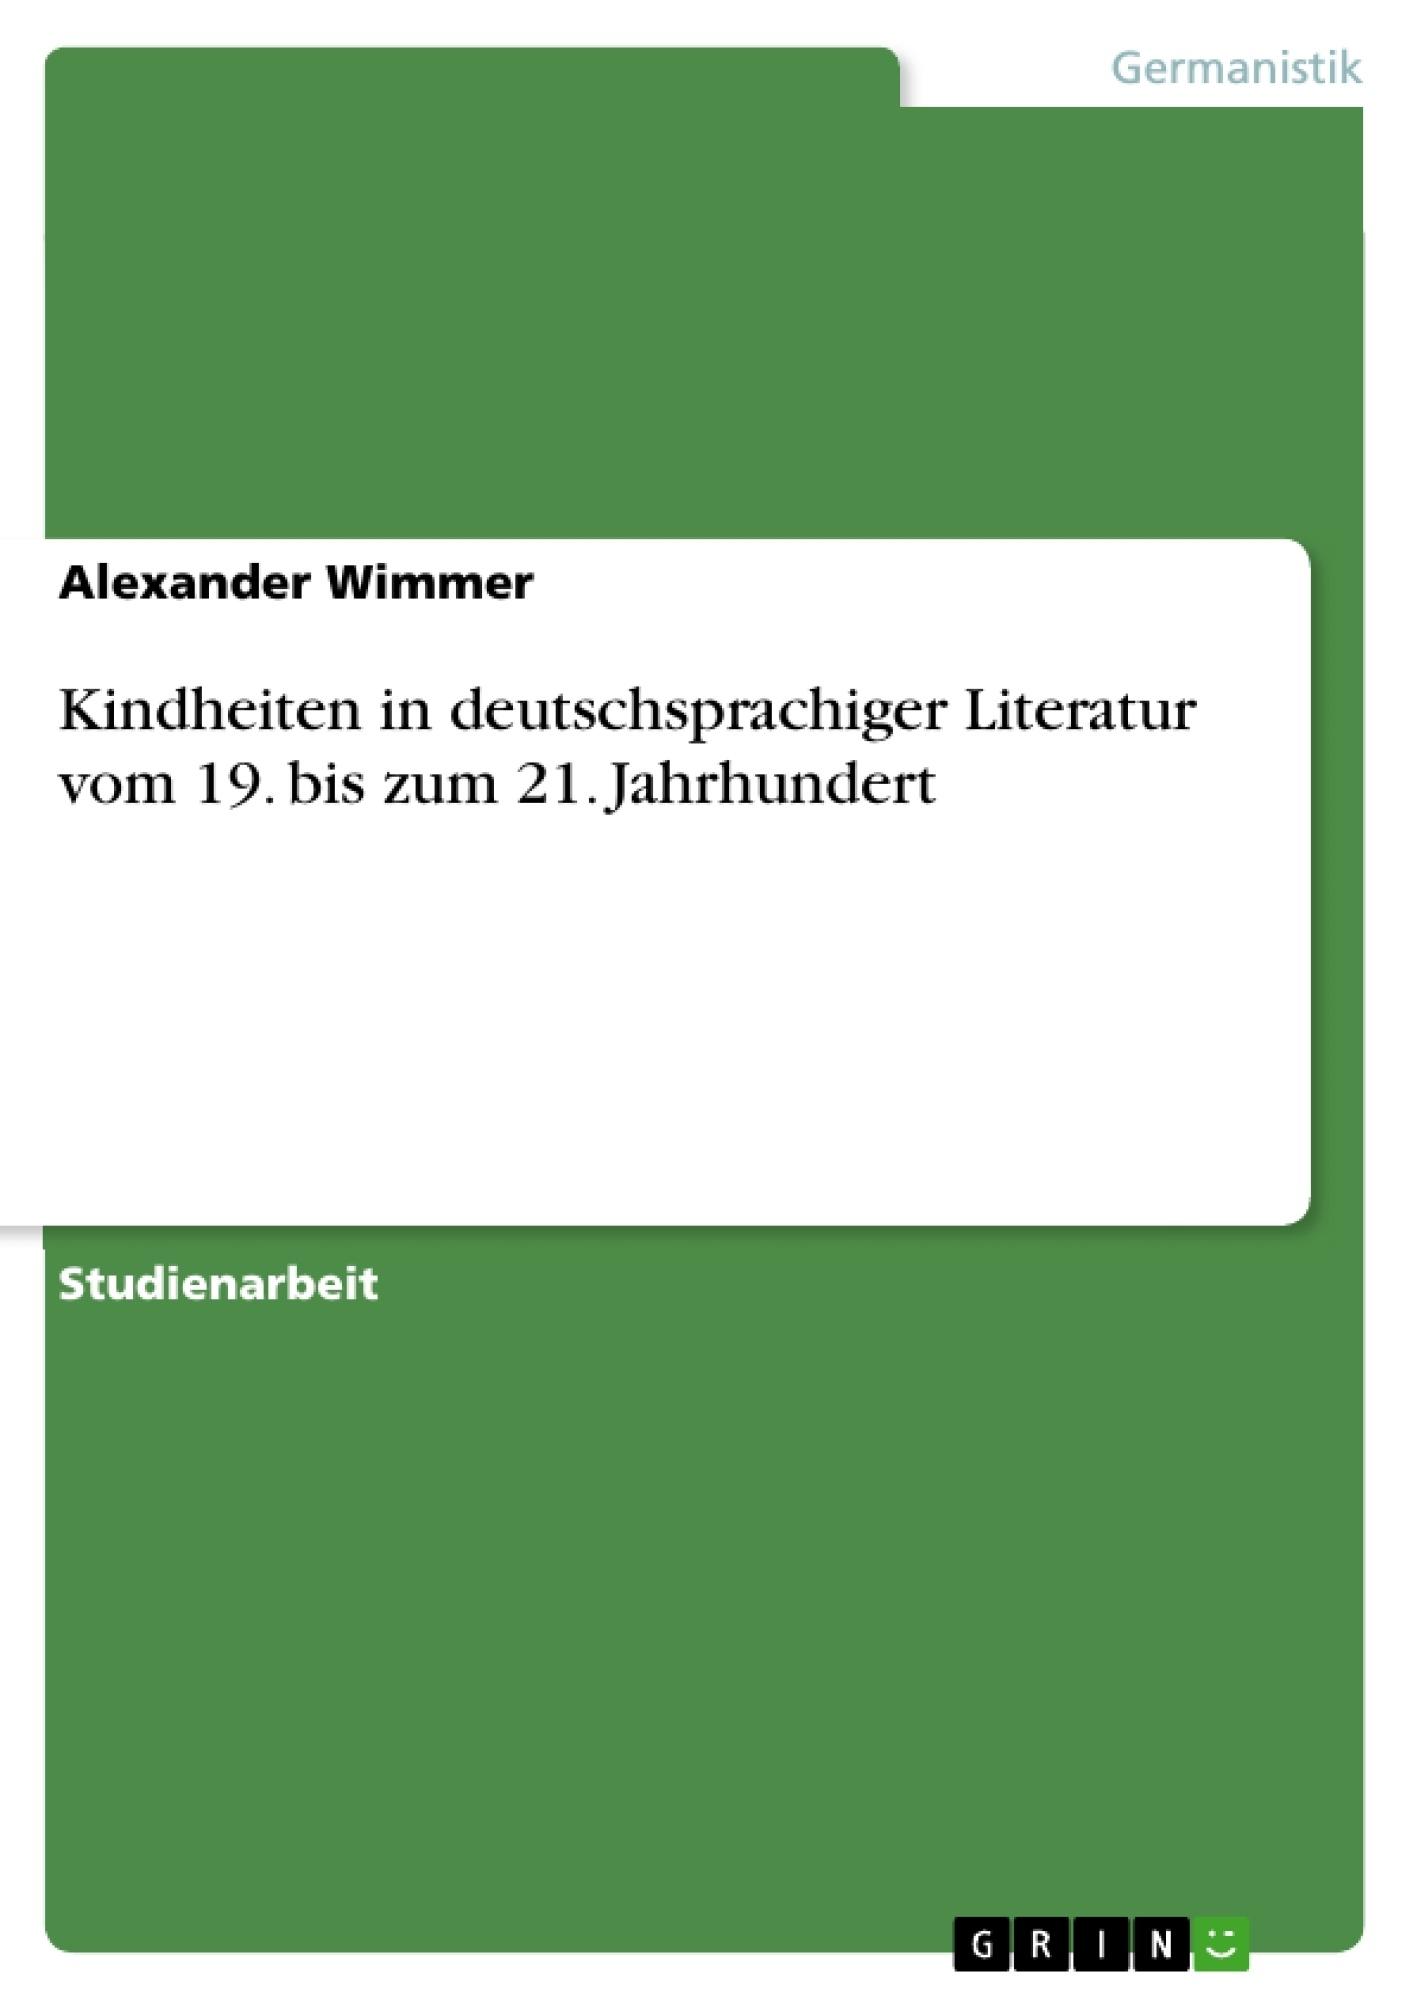 Titel: Kindheiten in deutschsprachiger Literatur vom 19. bis zum 21. Jahrhundert